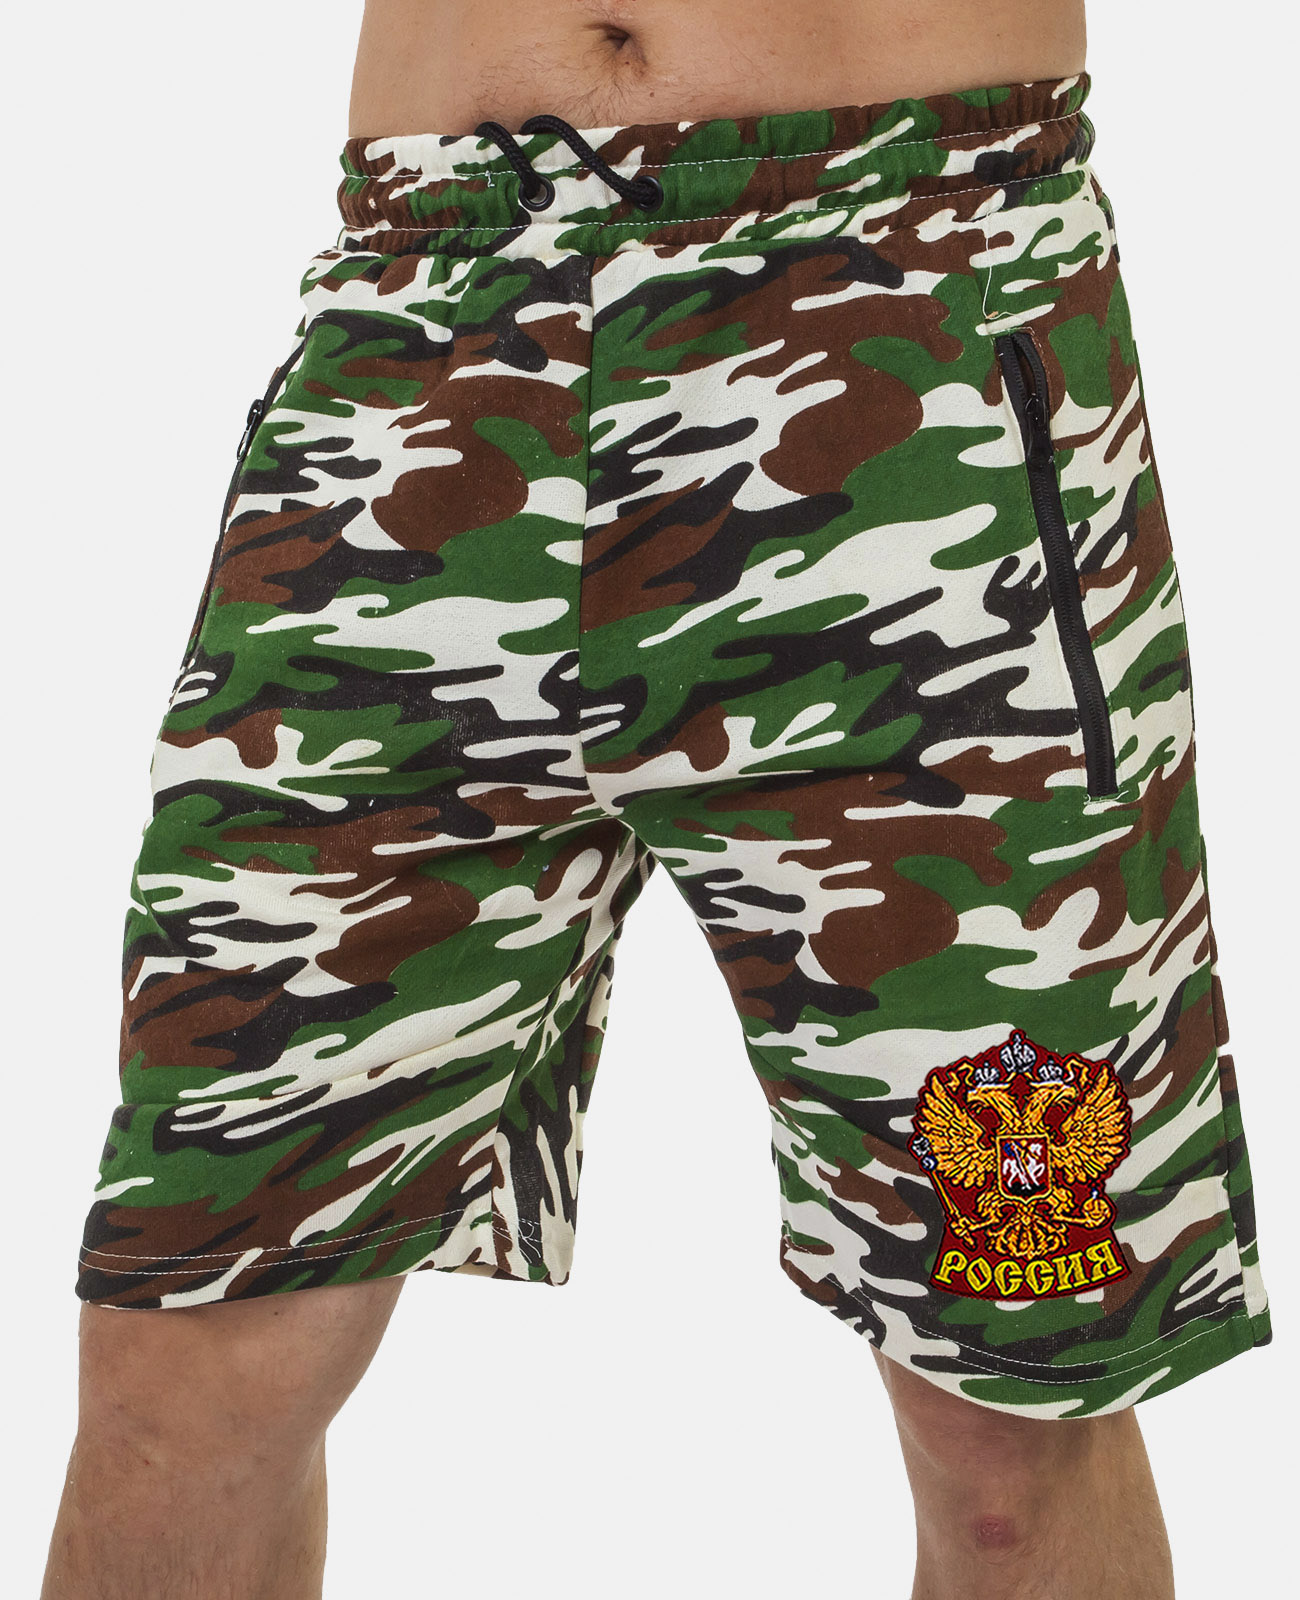 Купить надежные камуфляжные шорты с карманами и нашивкой Россия в подарок с доставкой